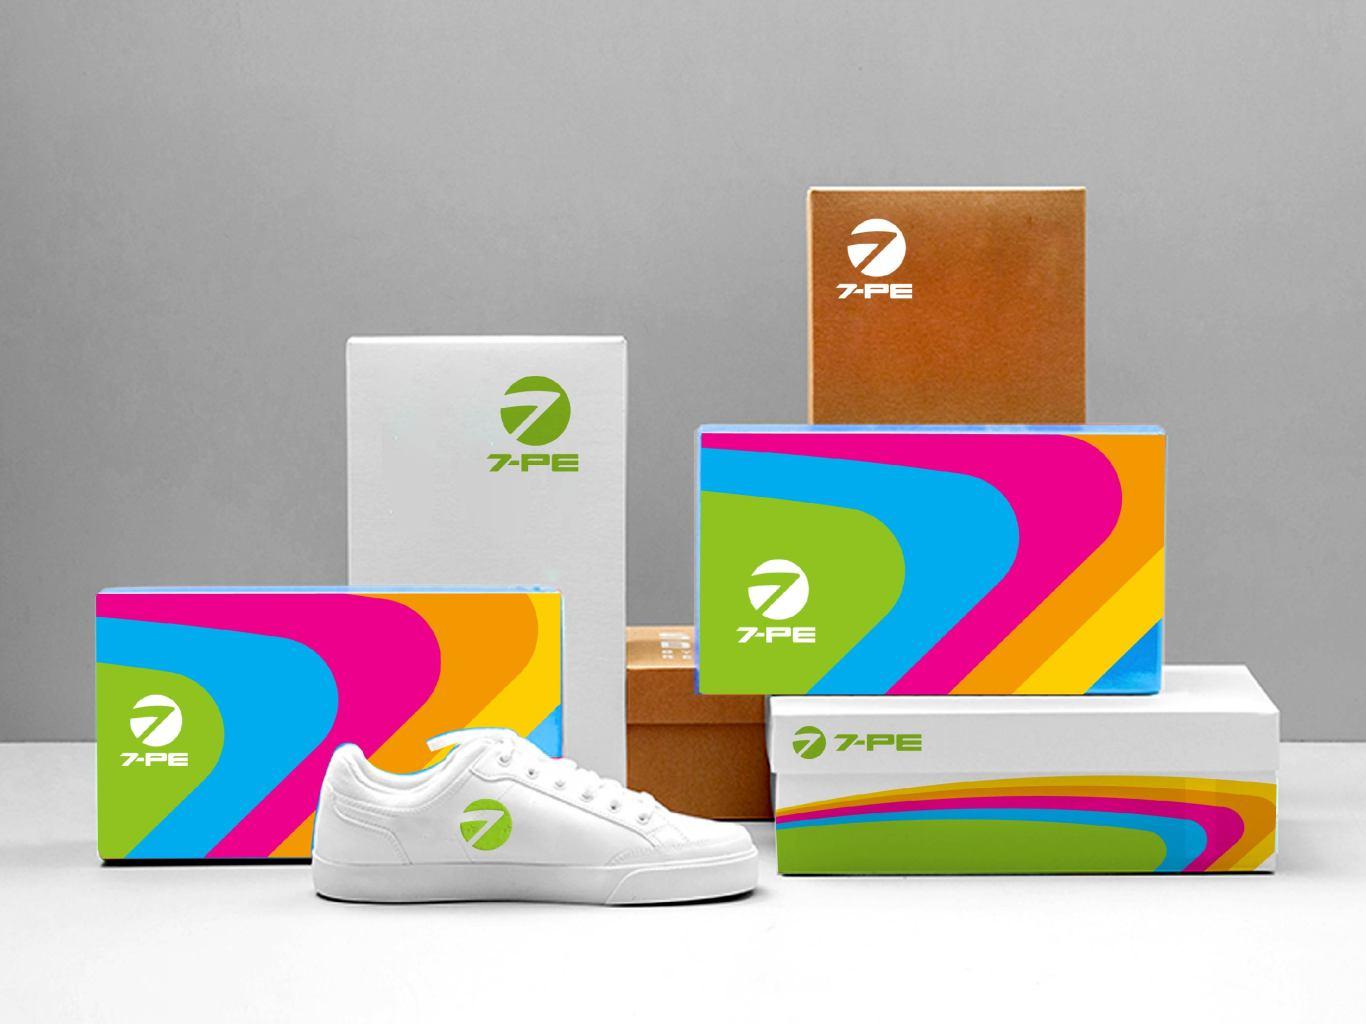 七波辉(7-PE)青少年休闲服饰品牌设计方案图3